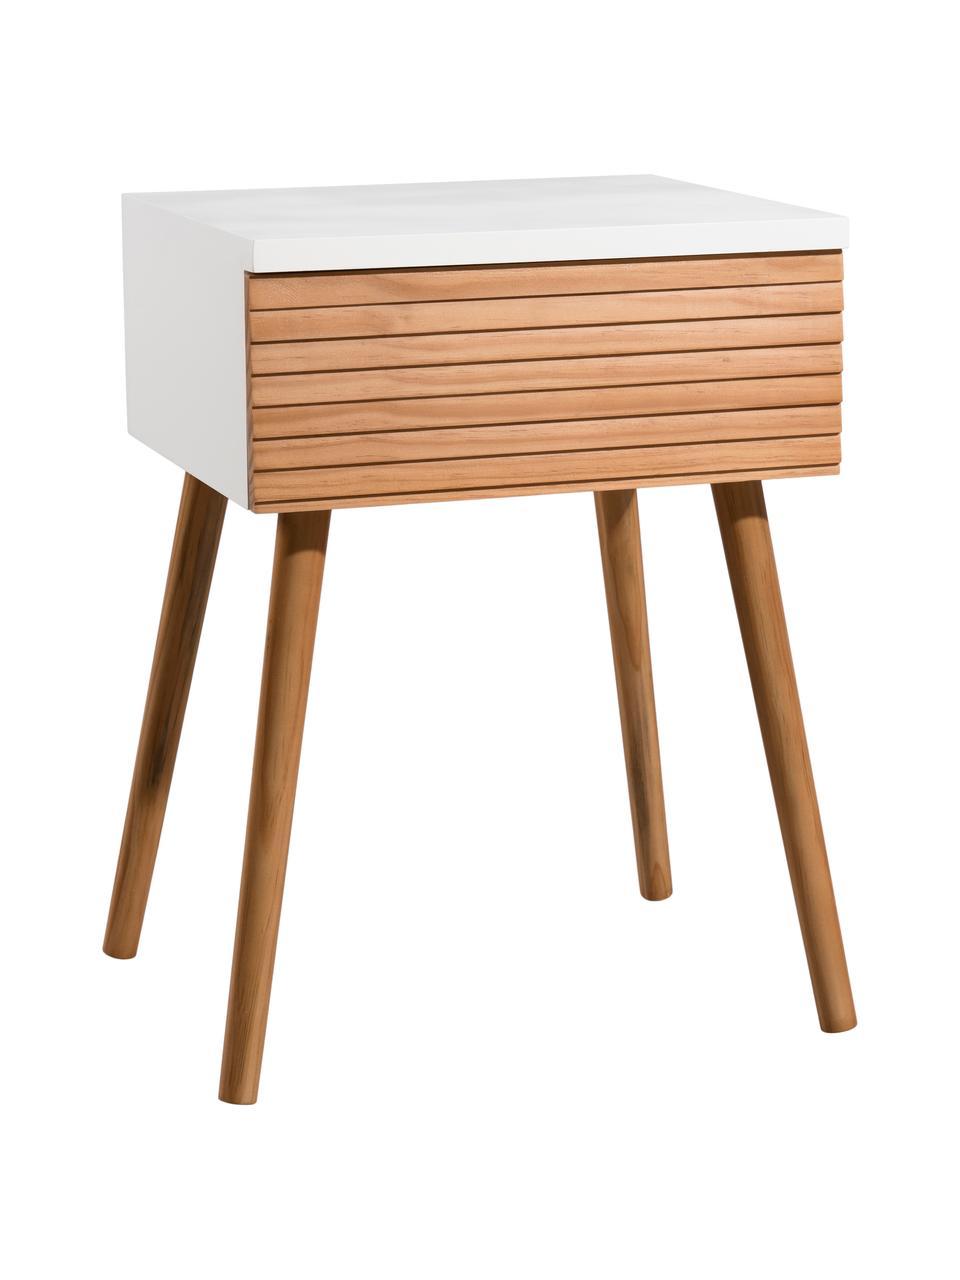 Skandi Nachttisch Pedro mit Schublade, Korpus: Mitteldichte Holzfaserpla, Weiß, Kiefernholz, 40 x 56 cm